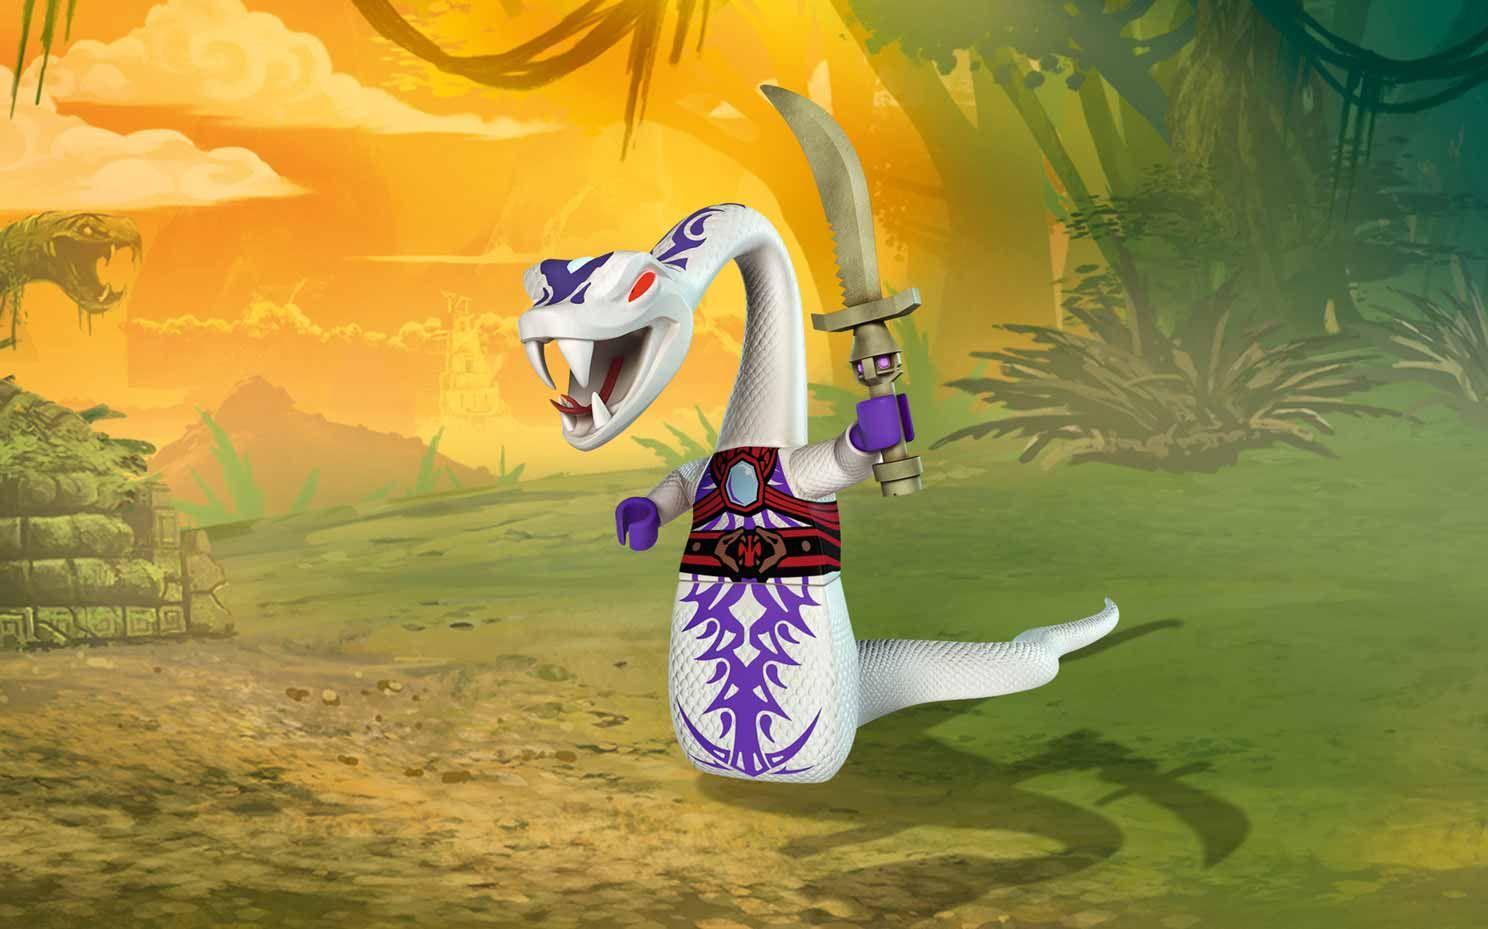 pythor  personajes  lego ninjago ninjago lego